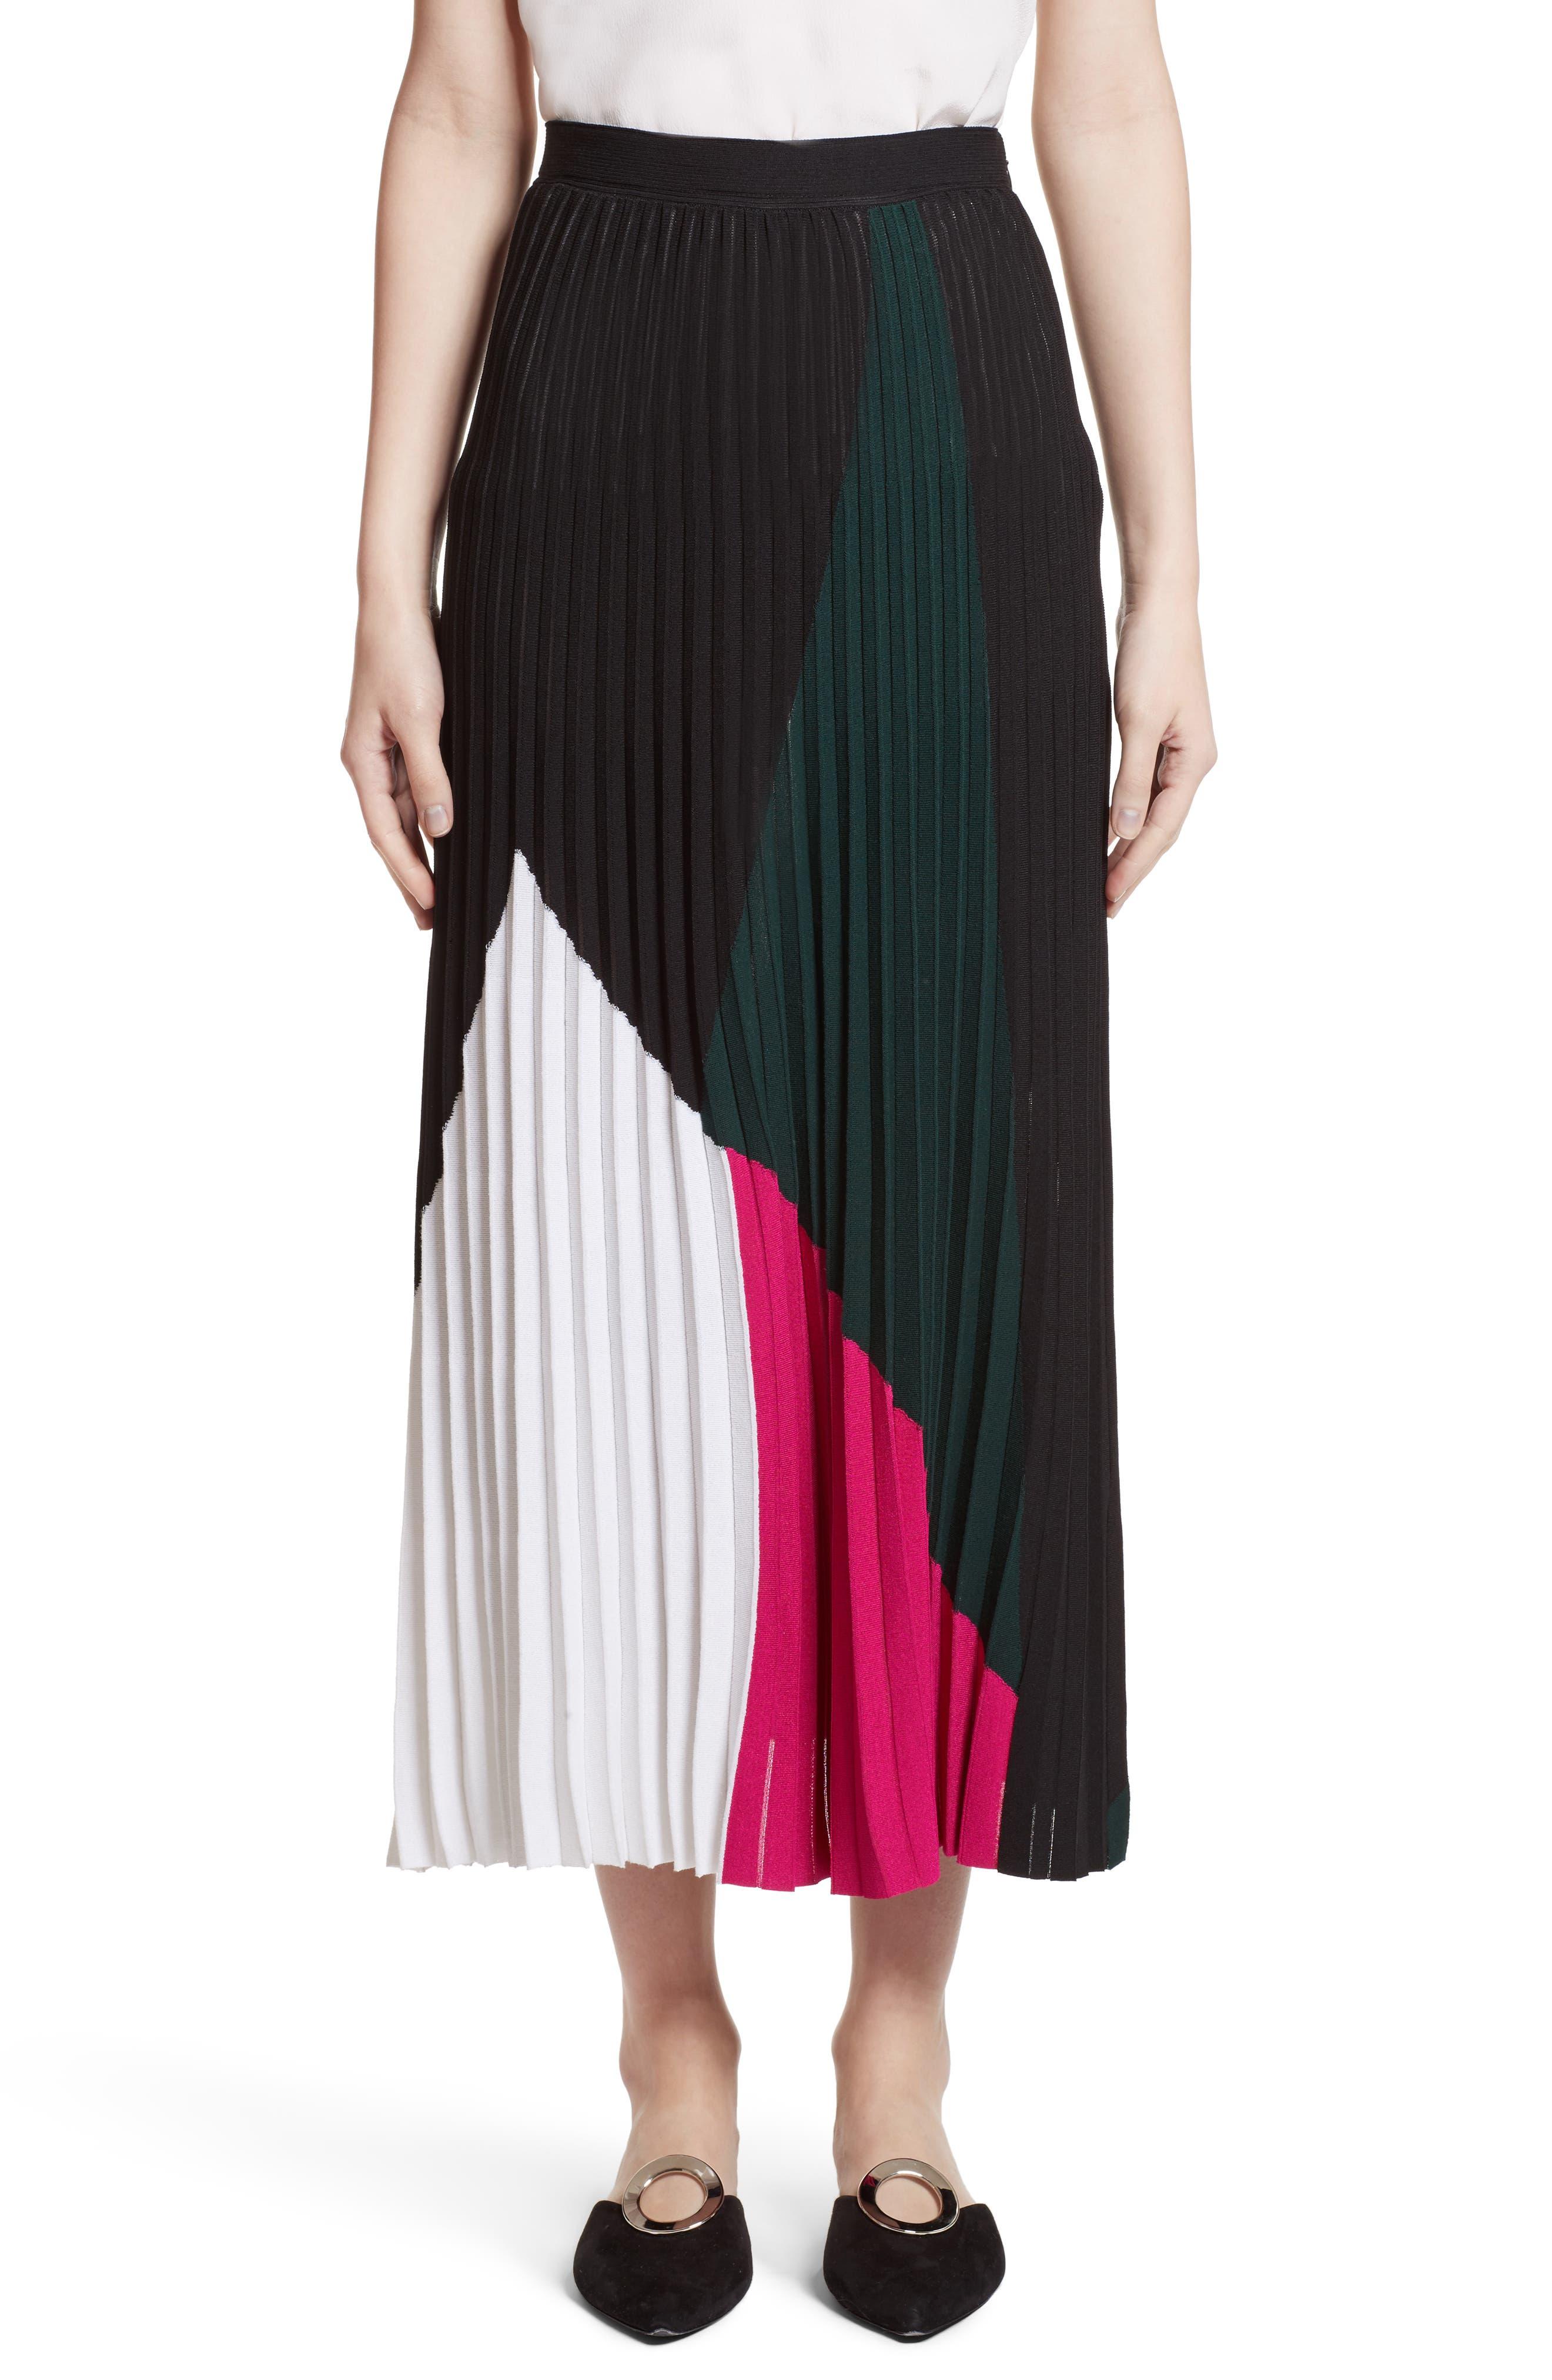 Proenza Schouler Colorblock Knit Skirt